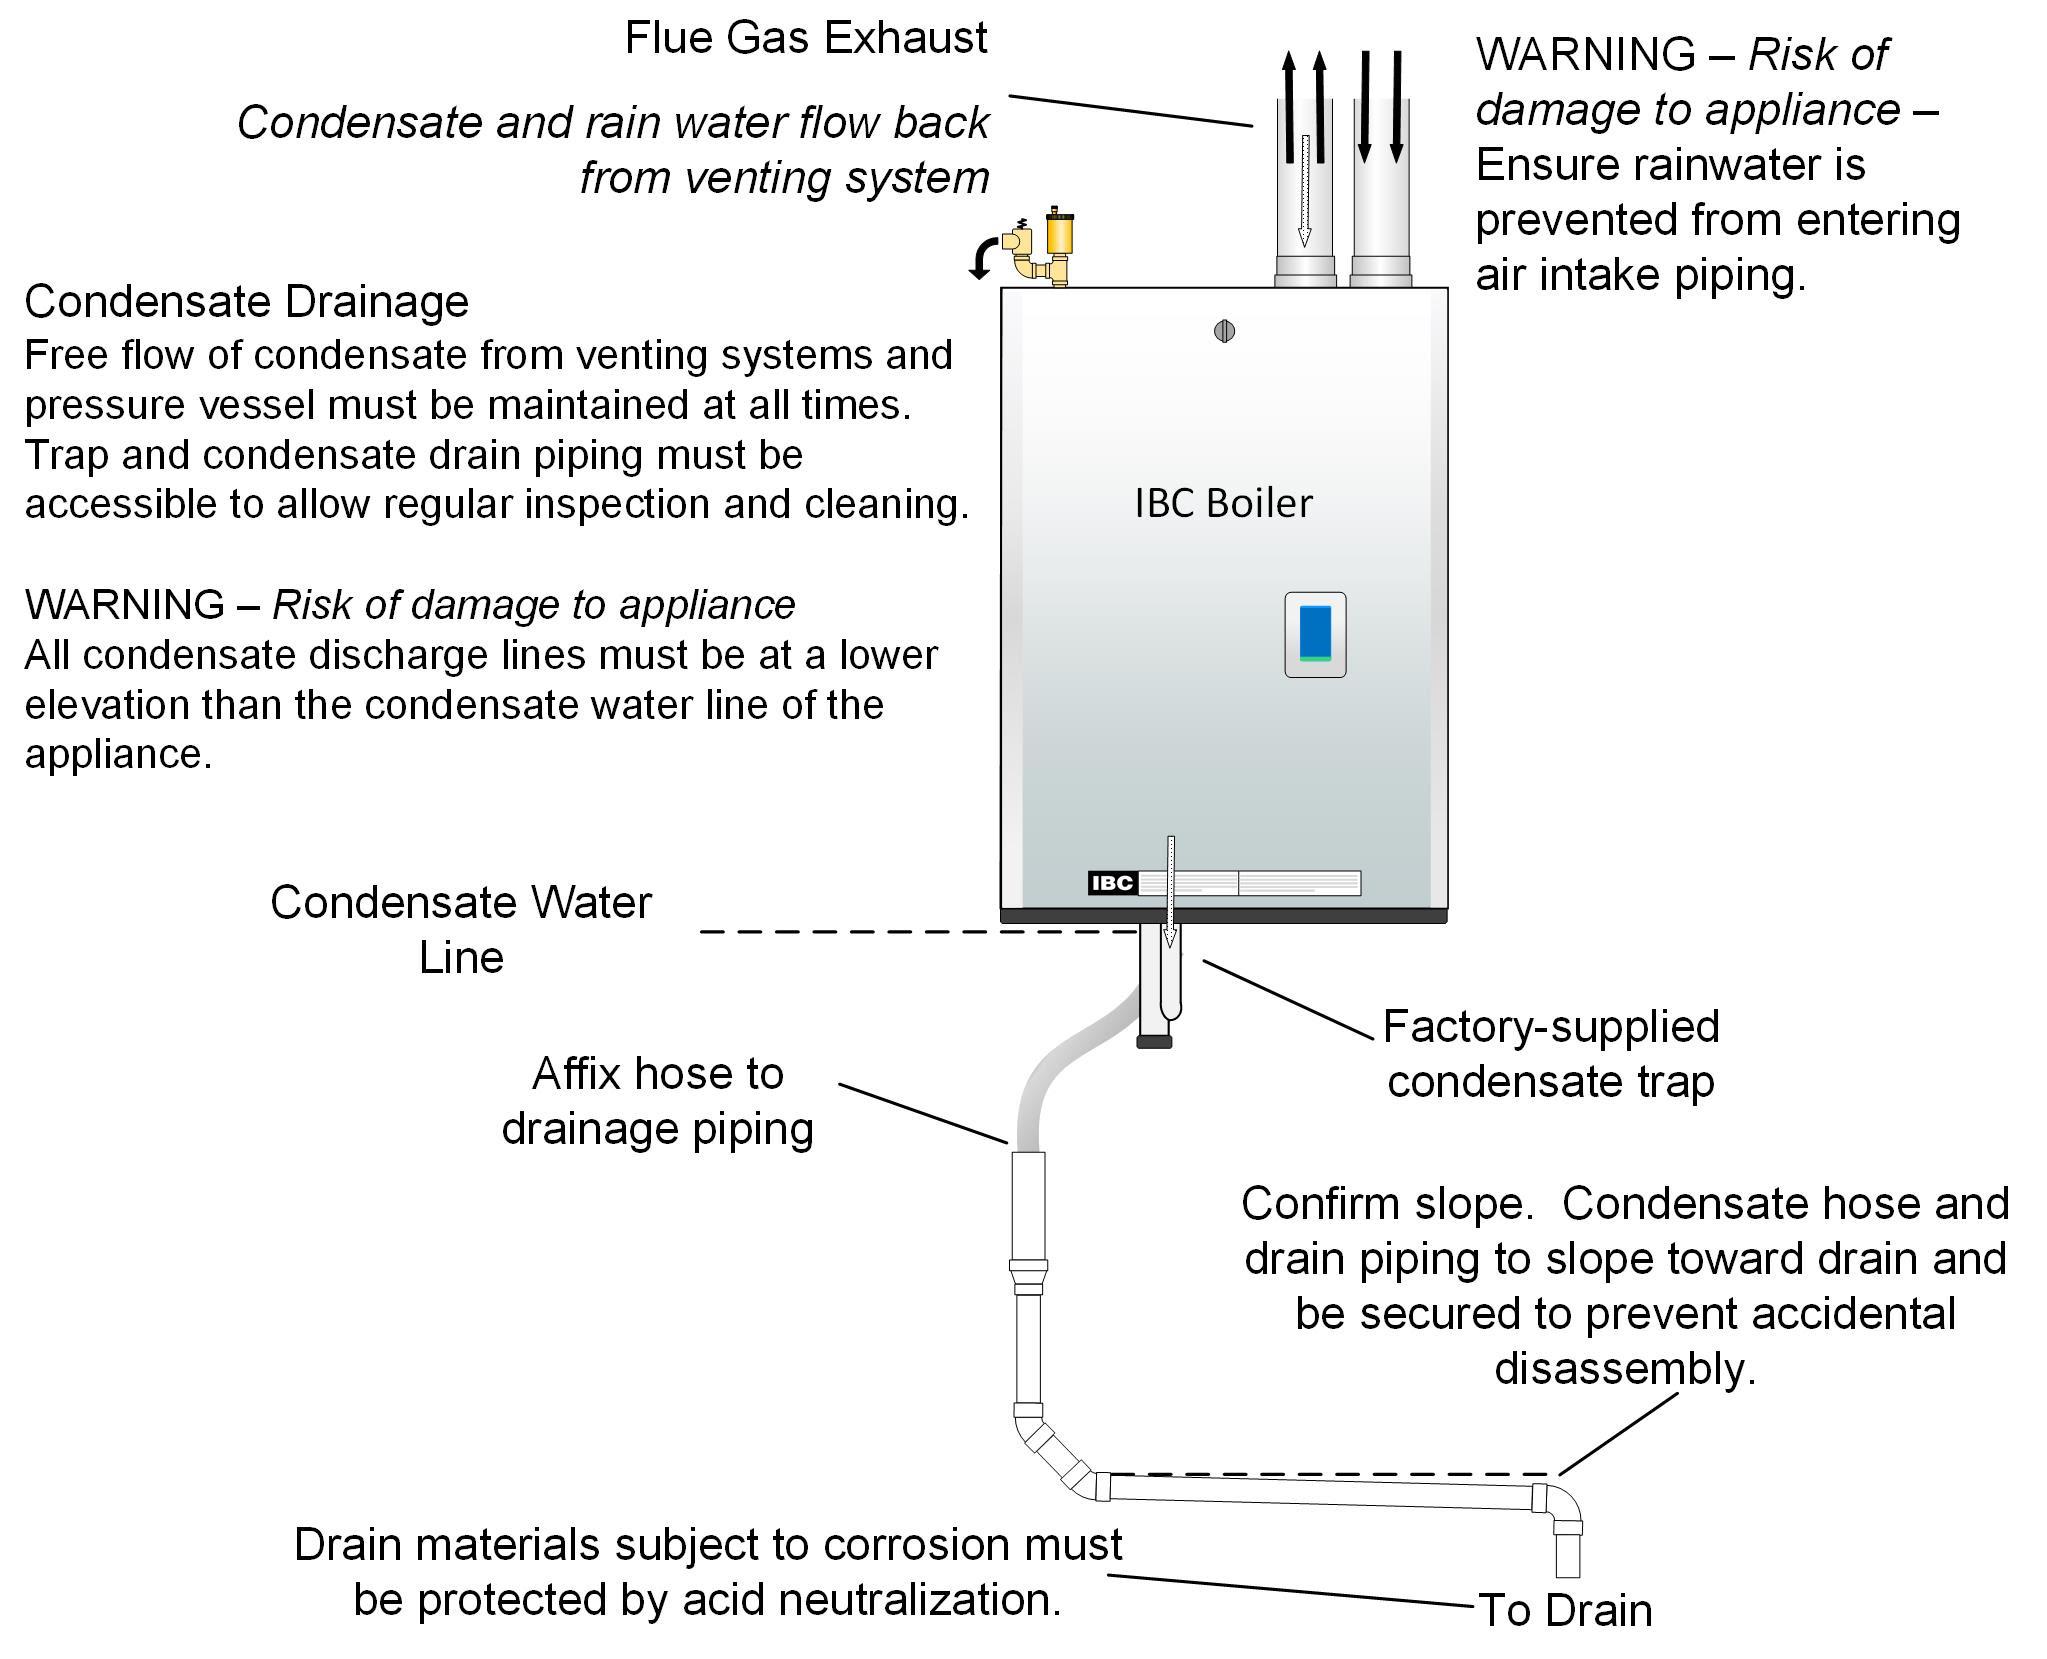 ibc boiler wiring diagram image 6